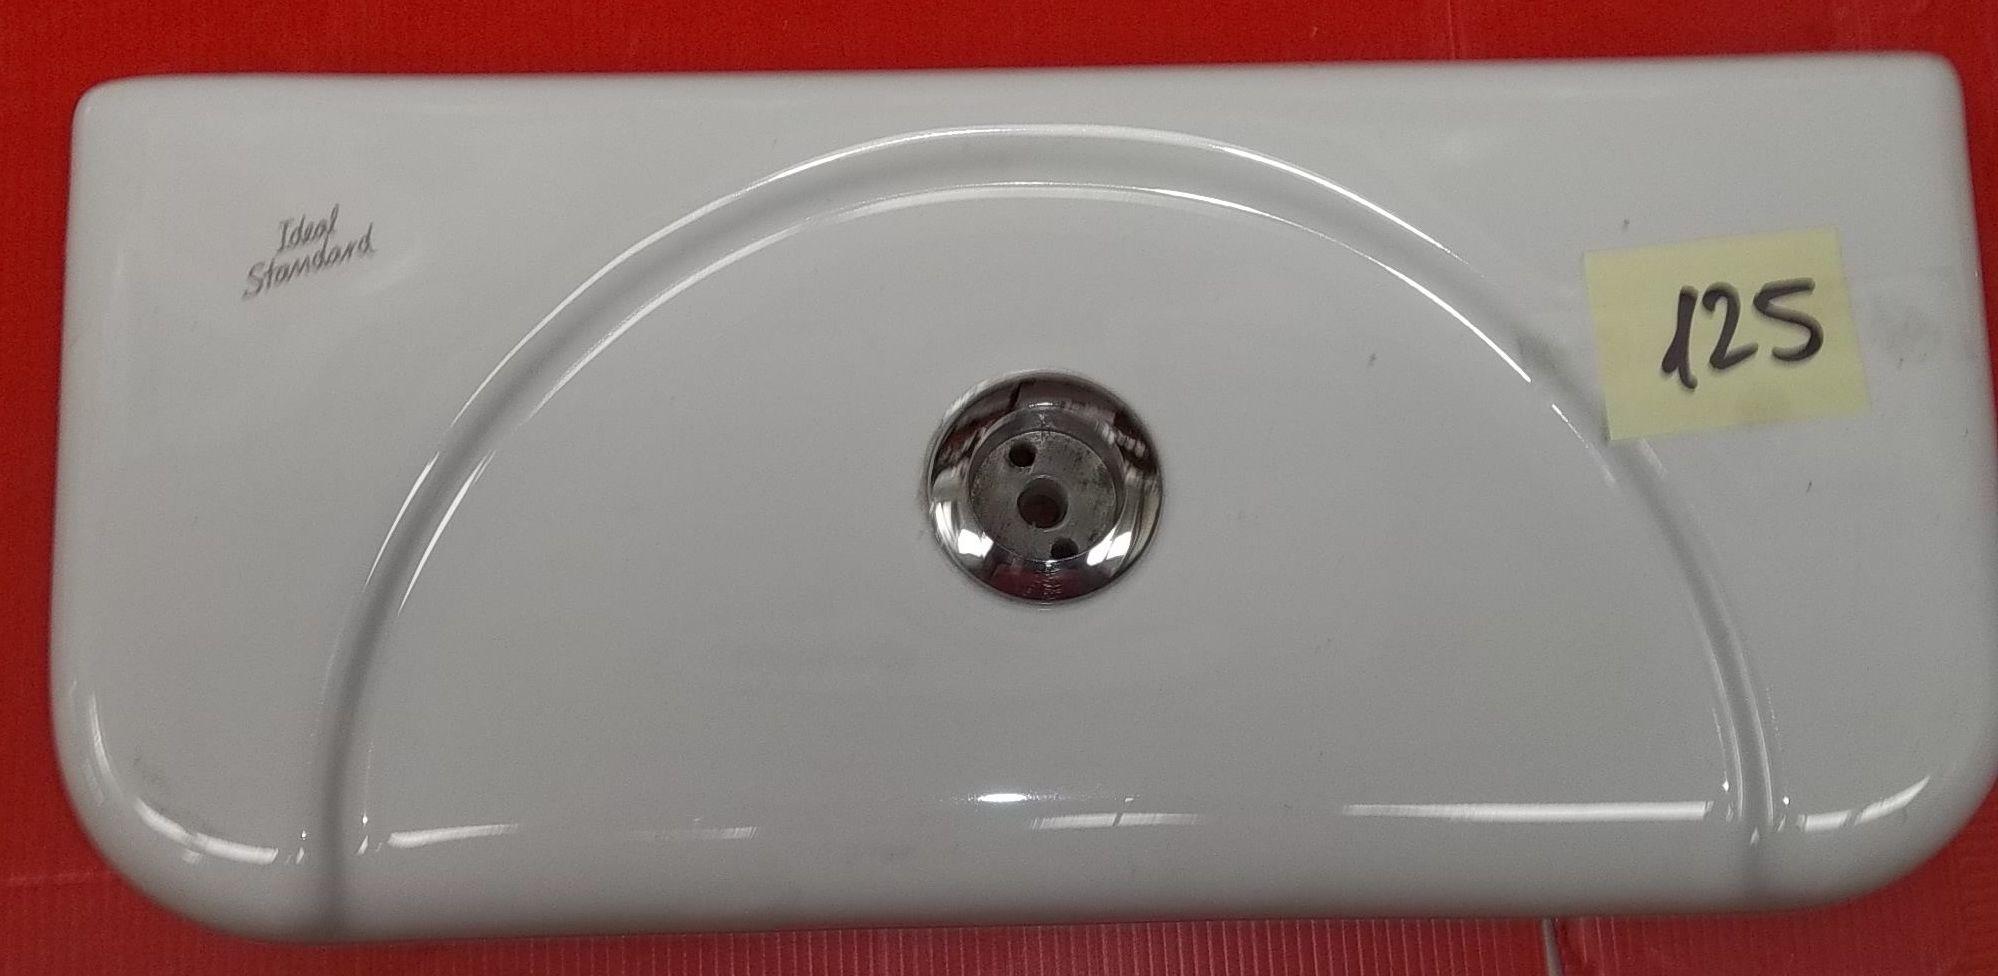 Ideal Standar blanca: Material en venta de Fontaneros del Henares, S.L.